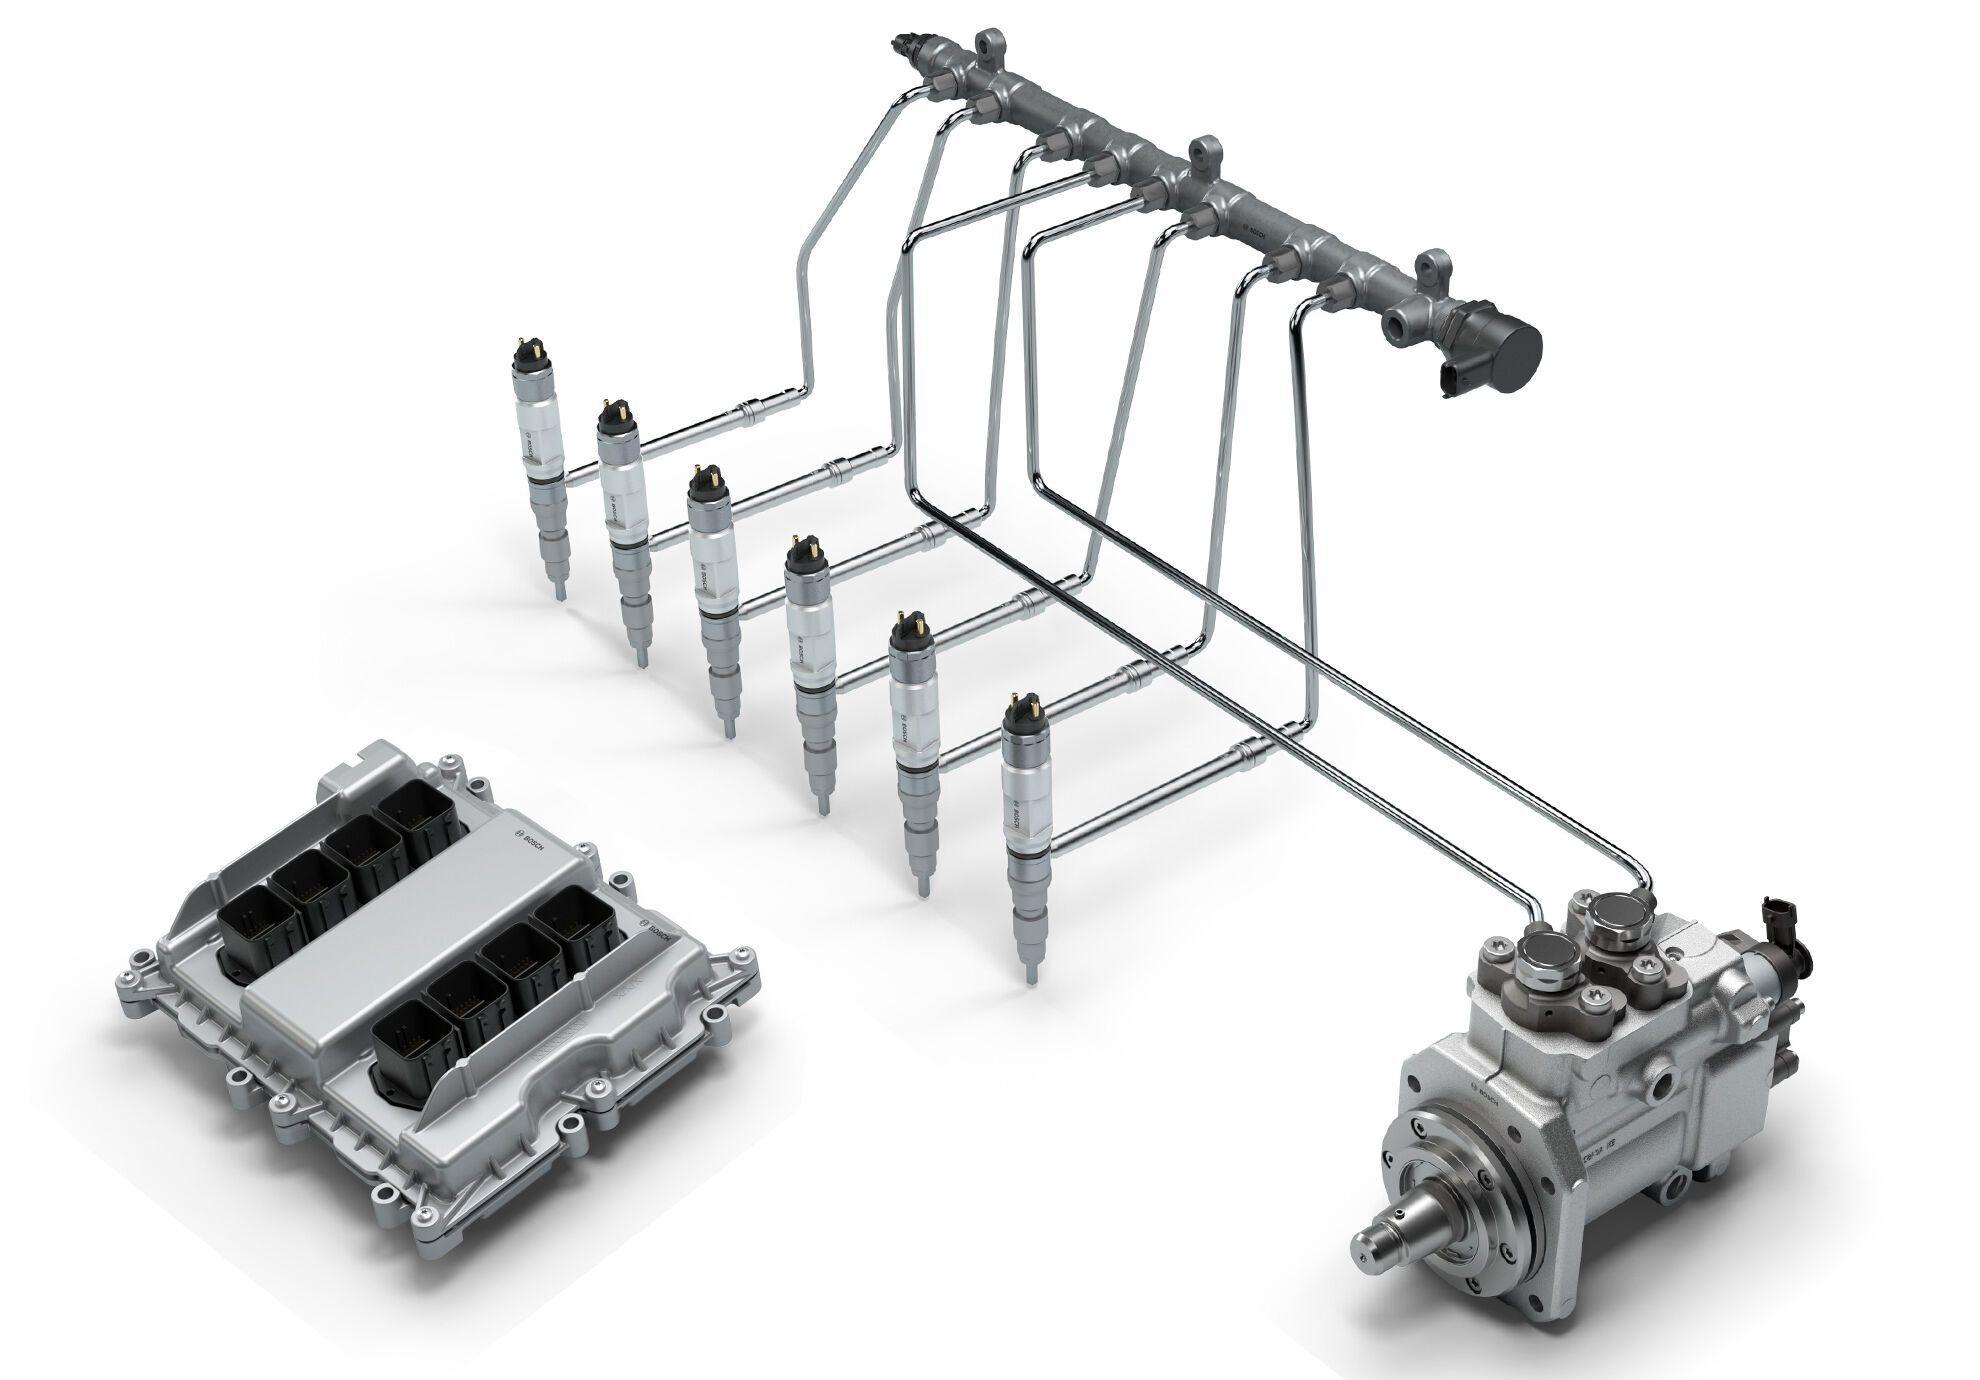 Bosch Common Rail може застосовуватися під час тиску у системі від 1800 до 2500 бар та бути адаптованою для двигунів із різною кількістю циліндрів (до 8)